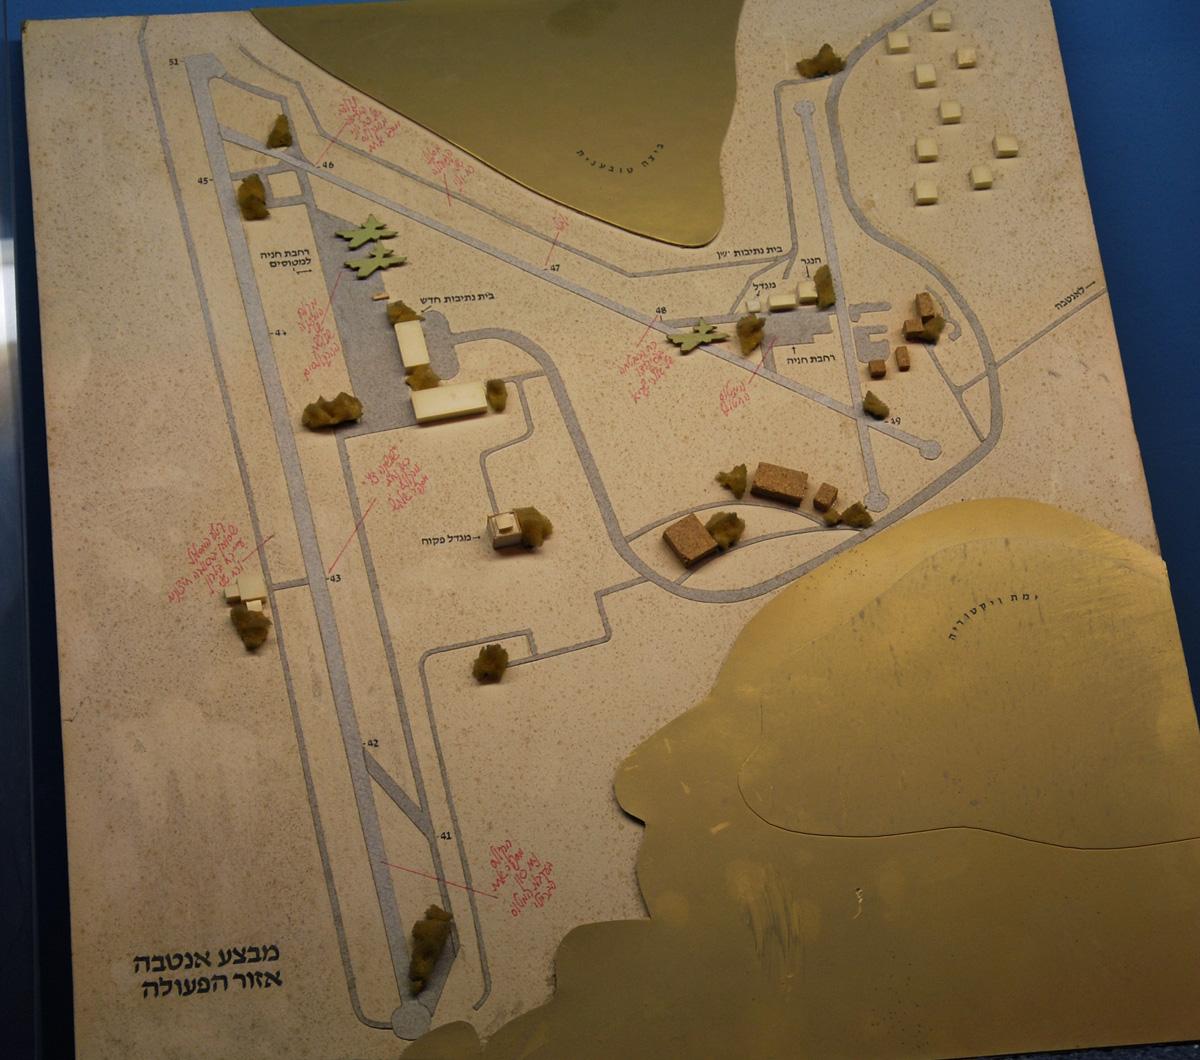 דגם המופיע במוזיאון במרכז למורשת המודיעין. באמצעות דגם זה התאמנו הצוותים שפעלו במבצע אנטבה.